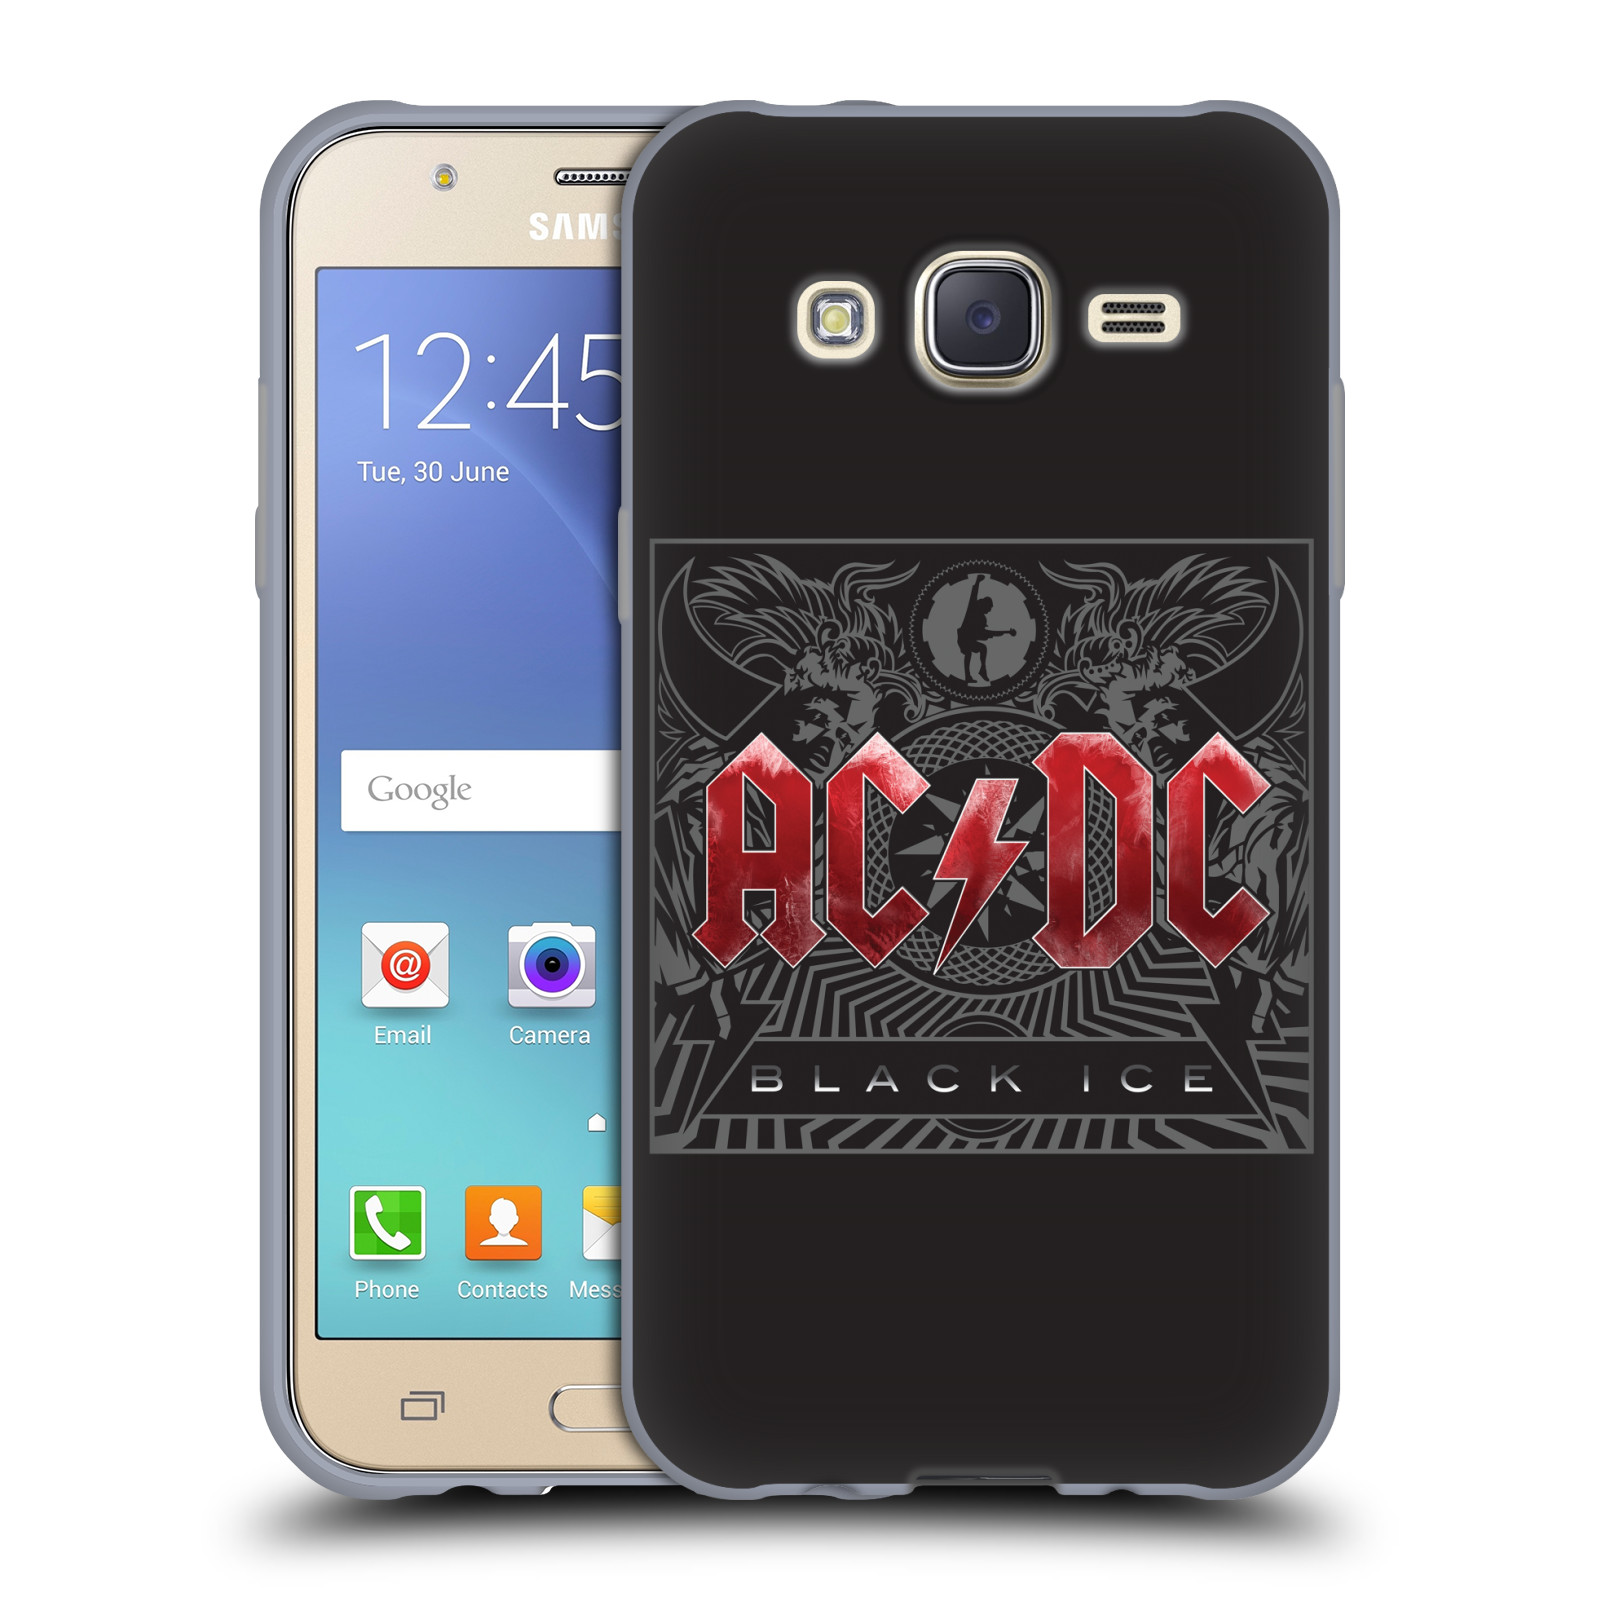 Silikonové pouzdro na mobil Samsung Galaxy J5 HEAD CASE AC/DC Black Ice